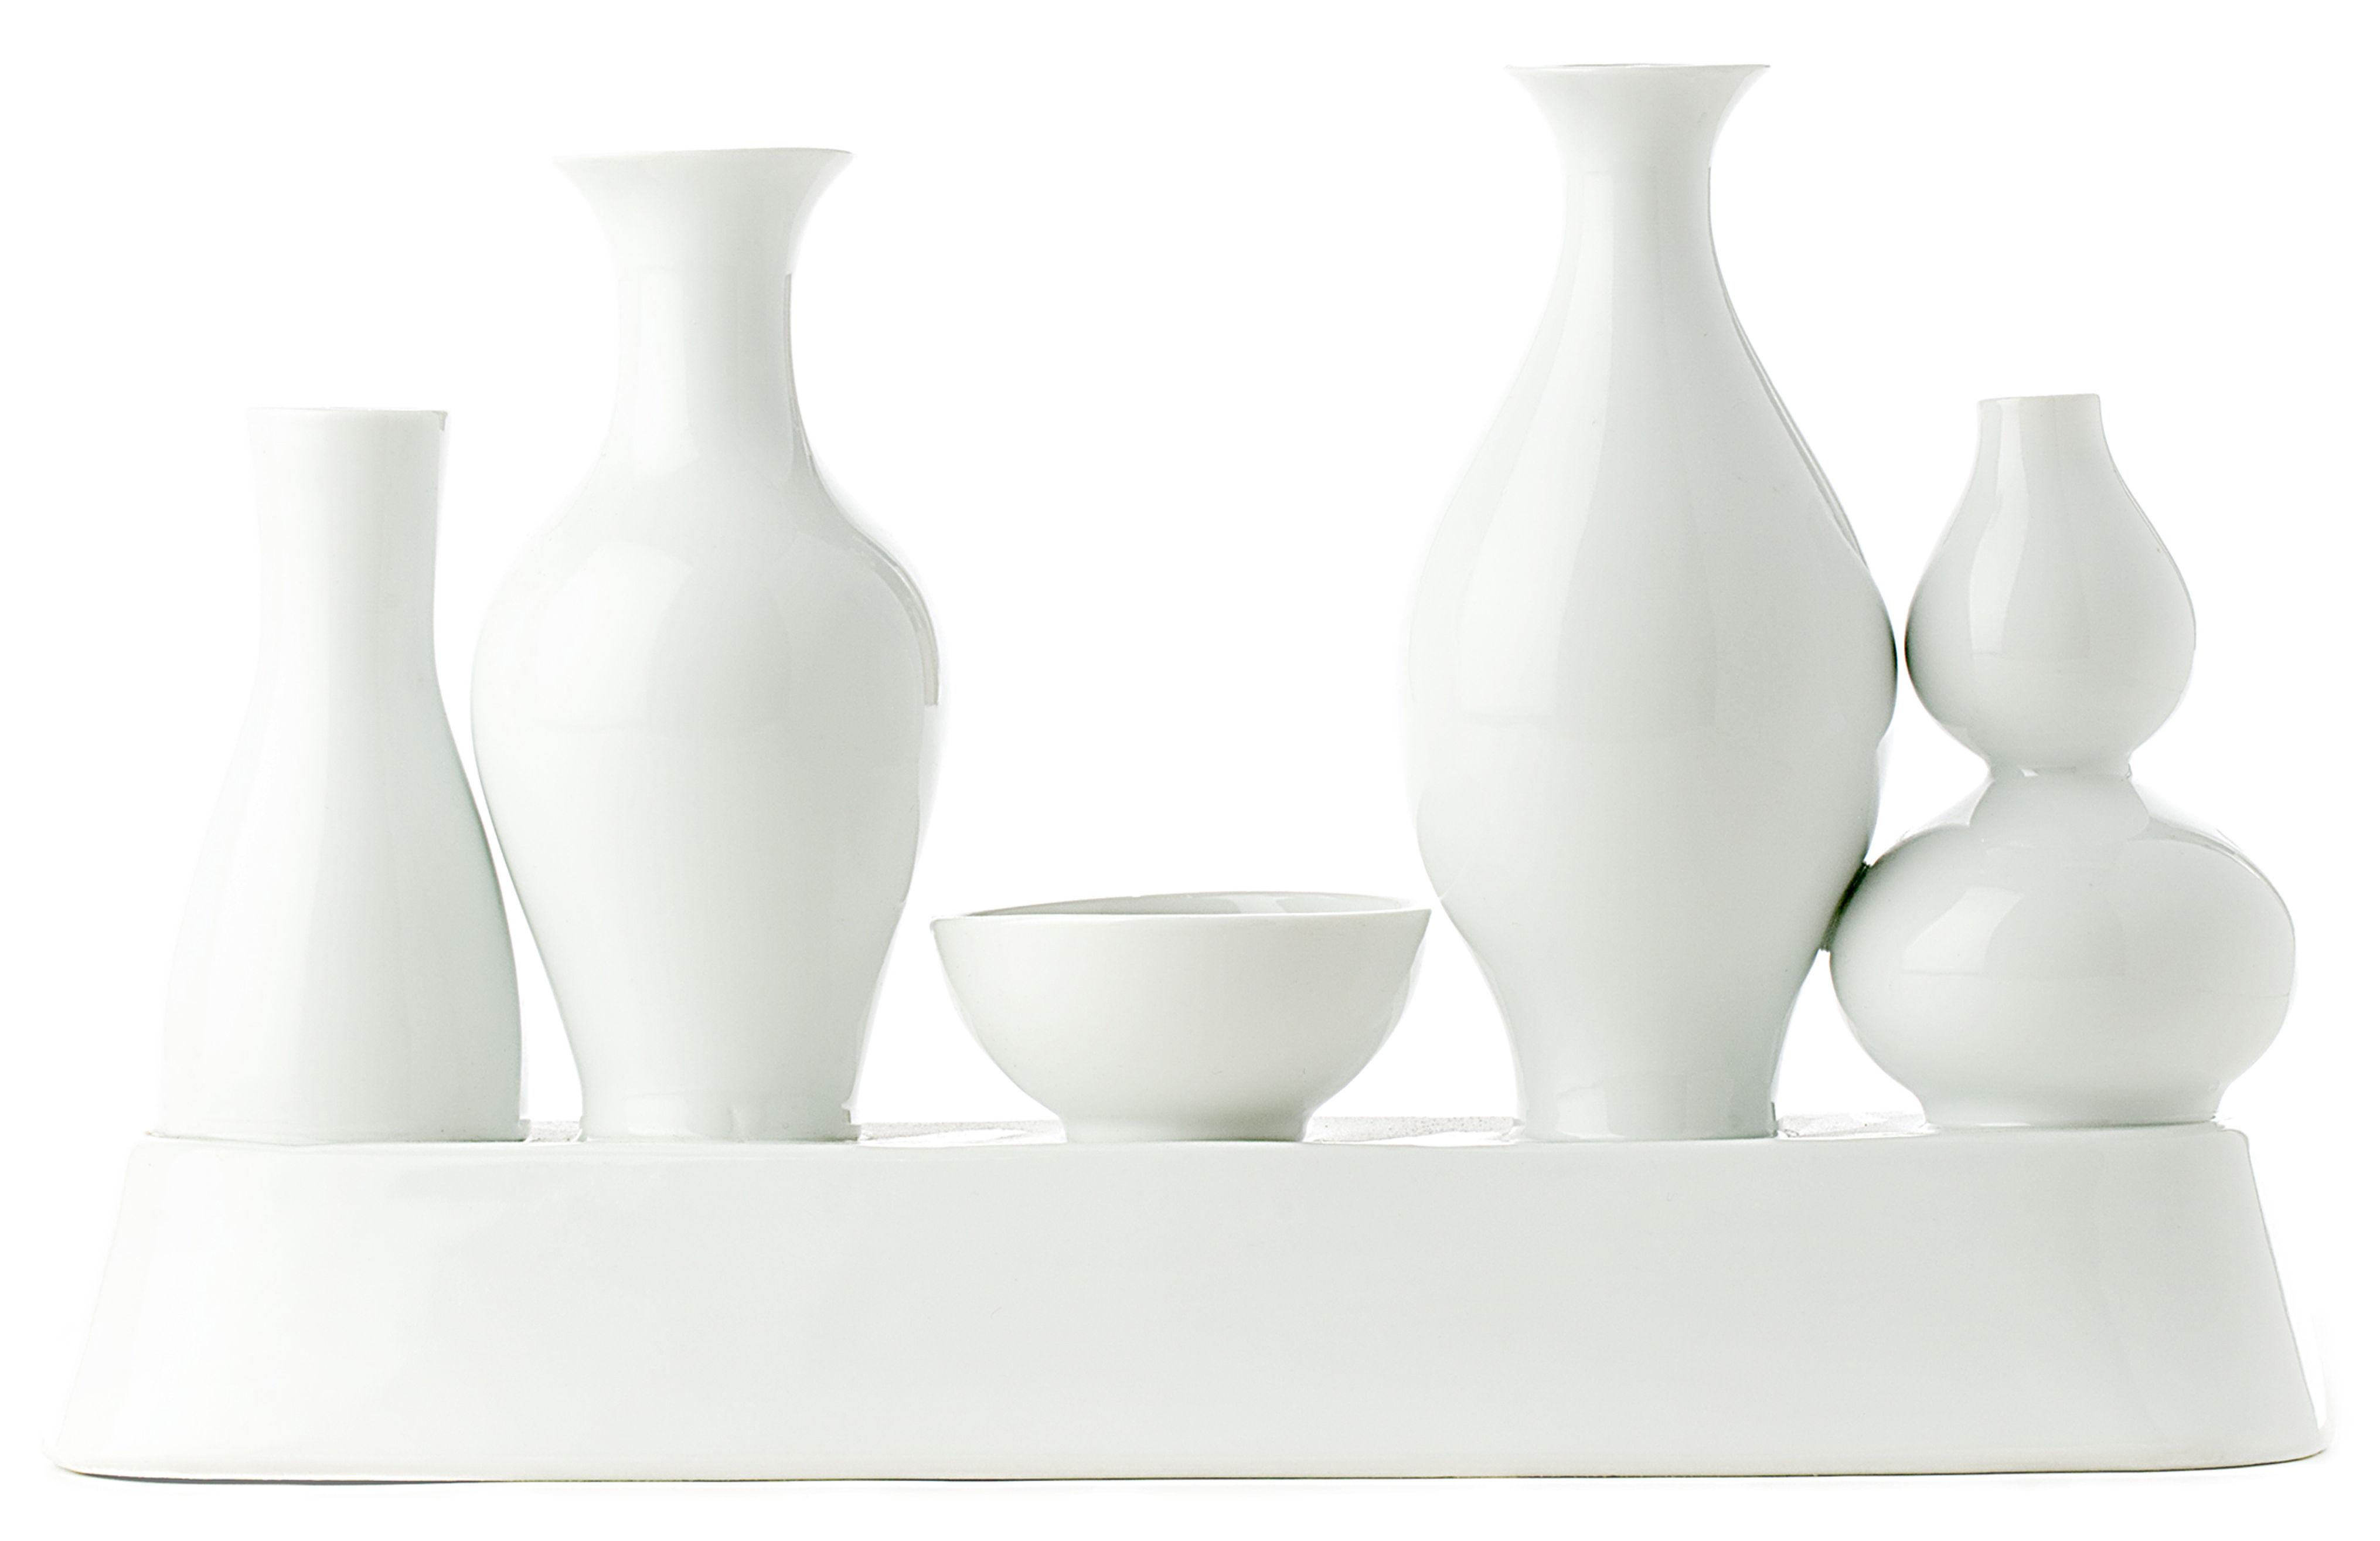 Déco - Vases - Vase Shanghai - Pols Potten - Blanc - Porcelaine vernie